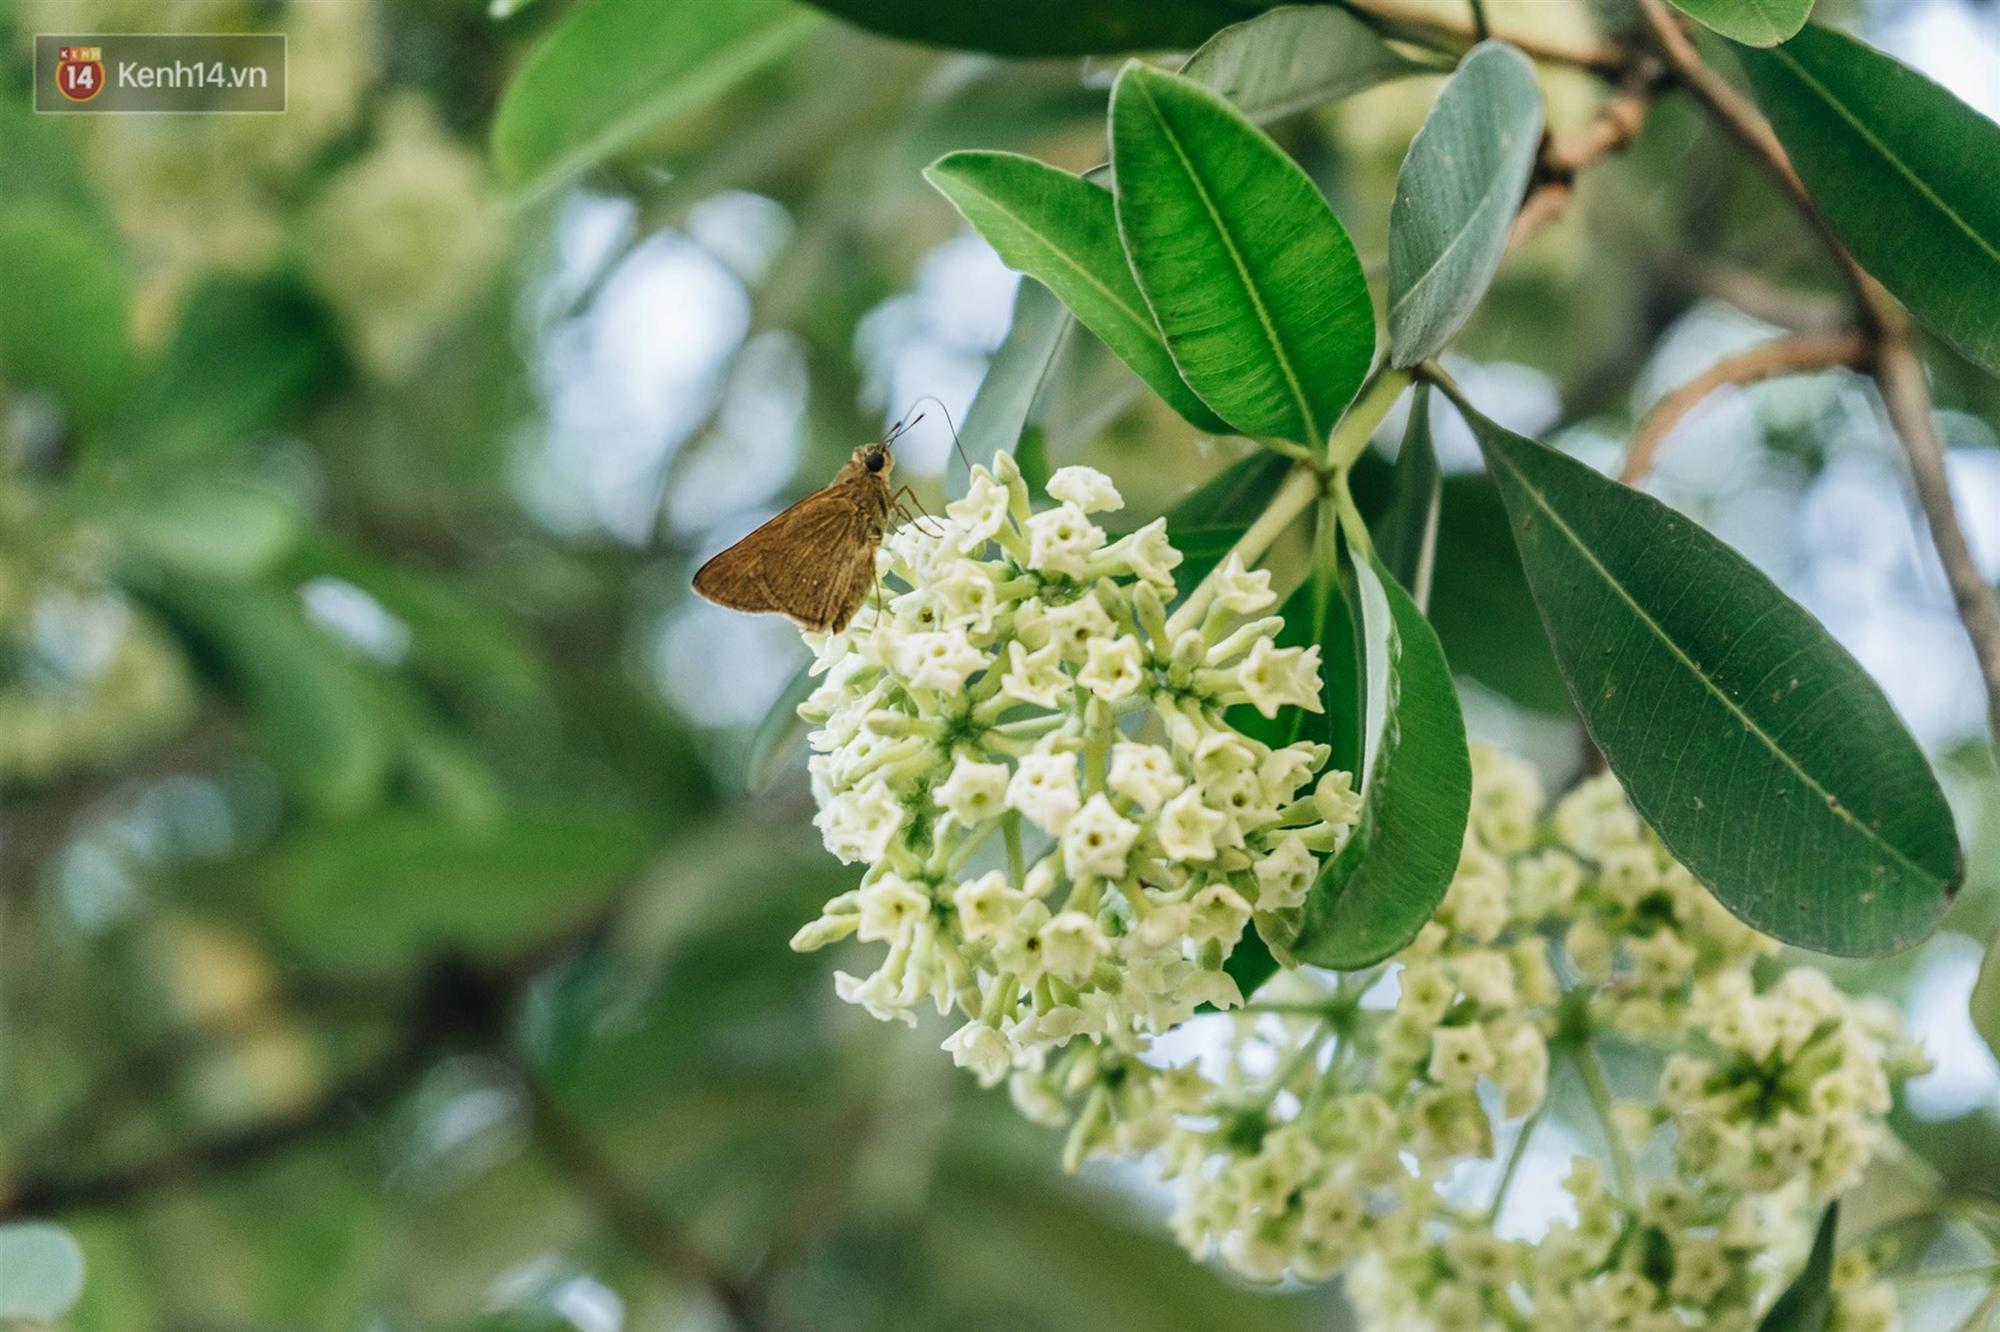 Không chỉ biến hạ thành đông, Hà Nội còn gọi cả hàng cây hoa sữa bung nở khắp phố dù trái mùa-6